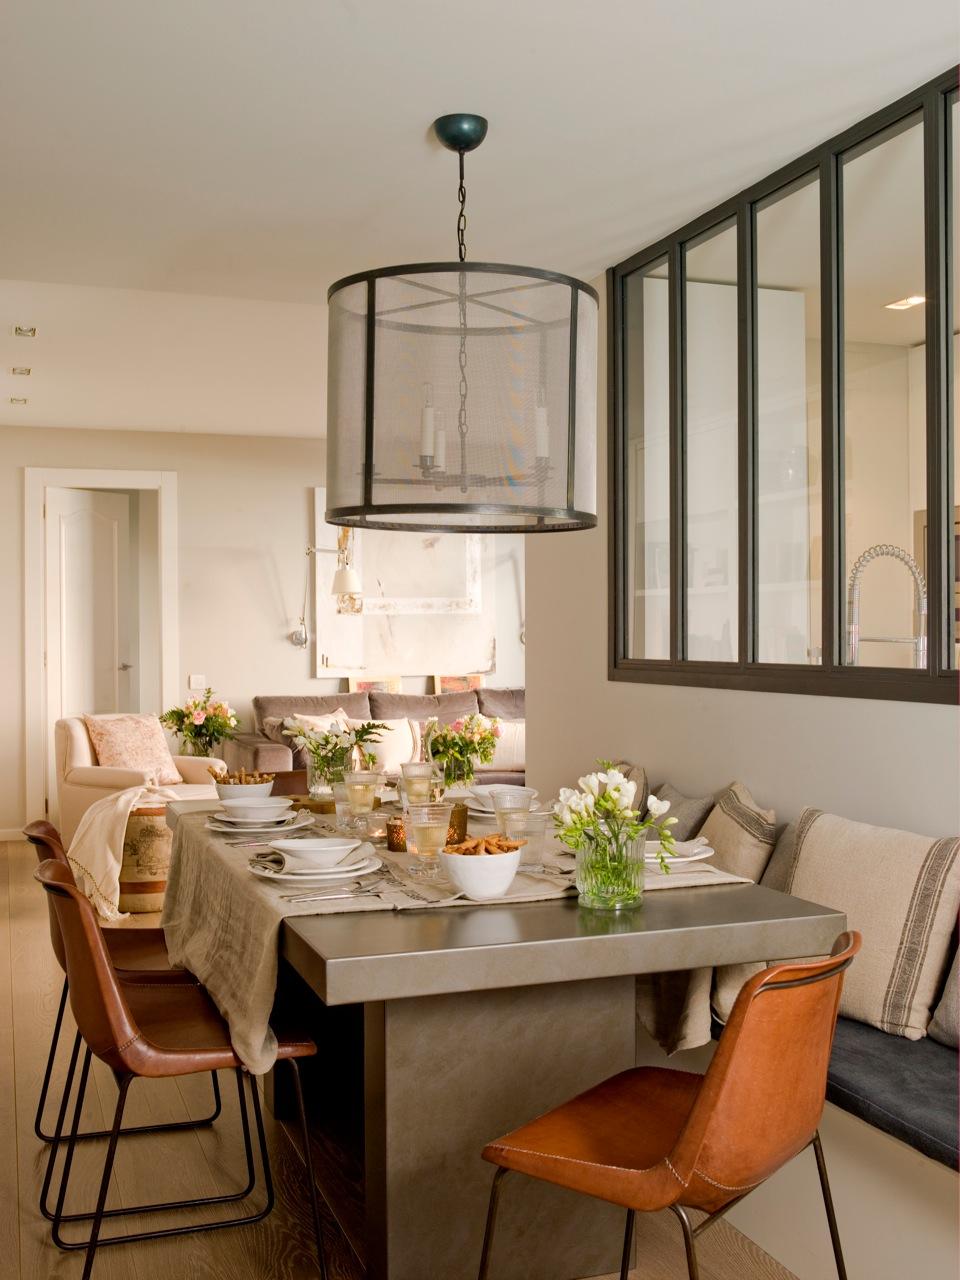 adelaparvu.com despre reamenajare apartament de doua camere, design interior Jeanette Trensig (6)